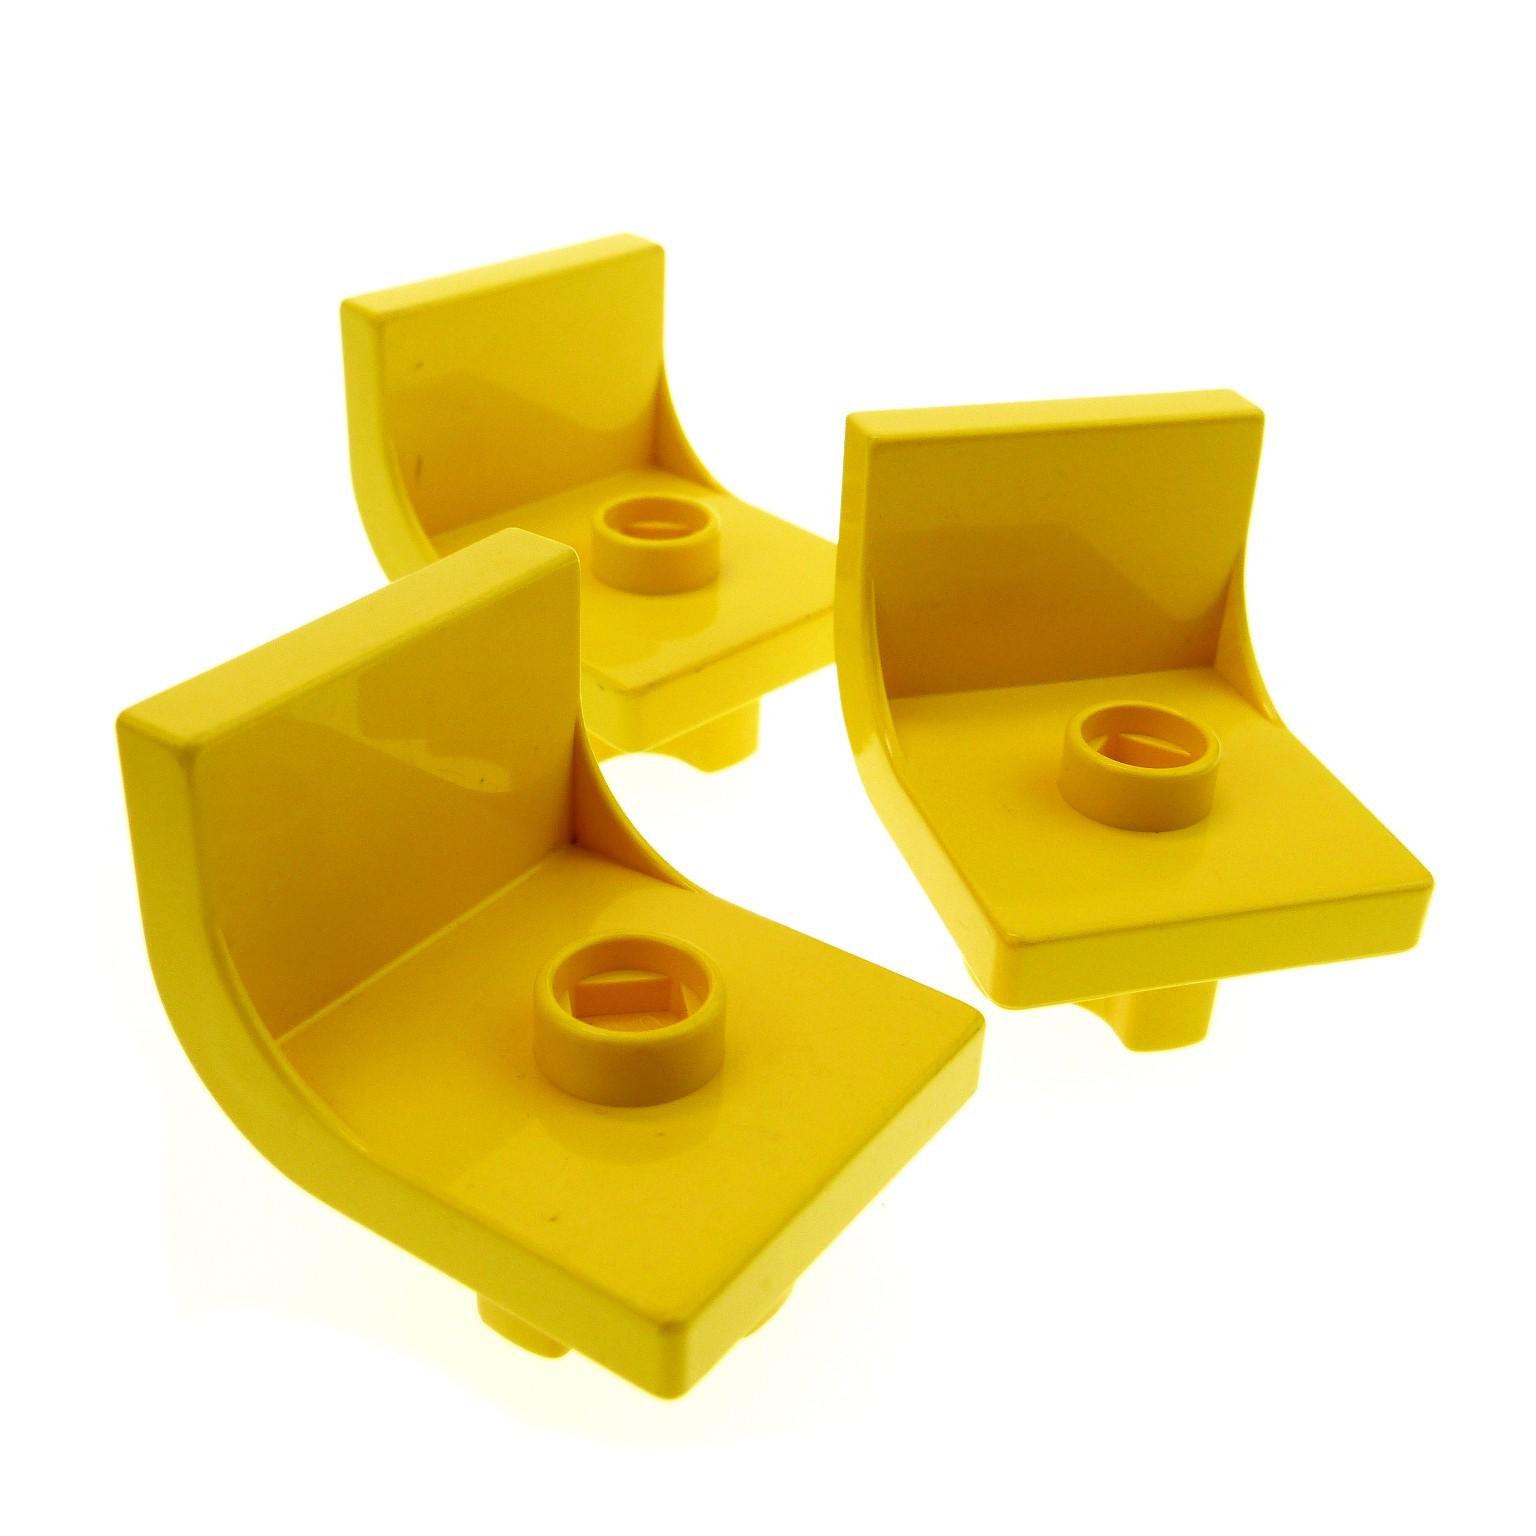 3 x lego duplo stuhl gelb 1 noppe sitz st hle k che wohnzimmer schlafzimmer puppenhaus m bel set. Black Bedroom Furniture Sets. Home Design Ideas